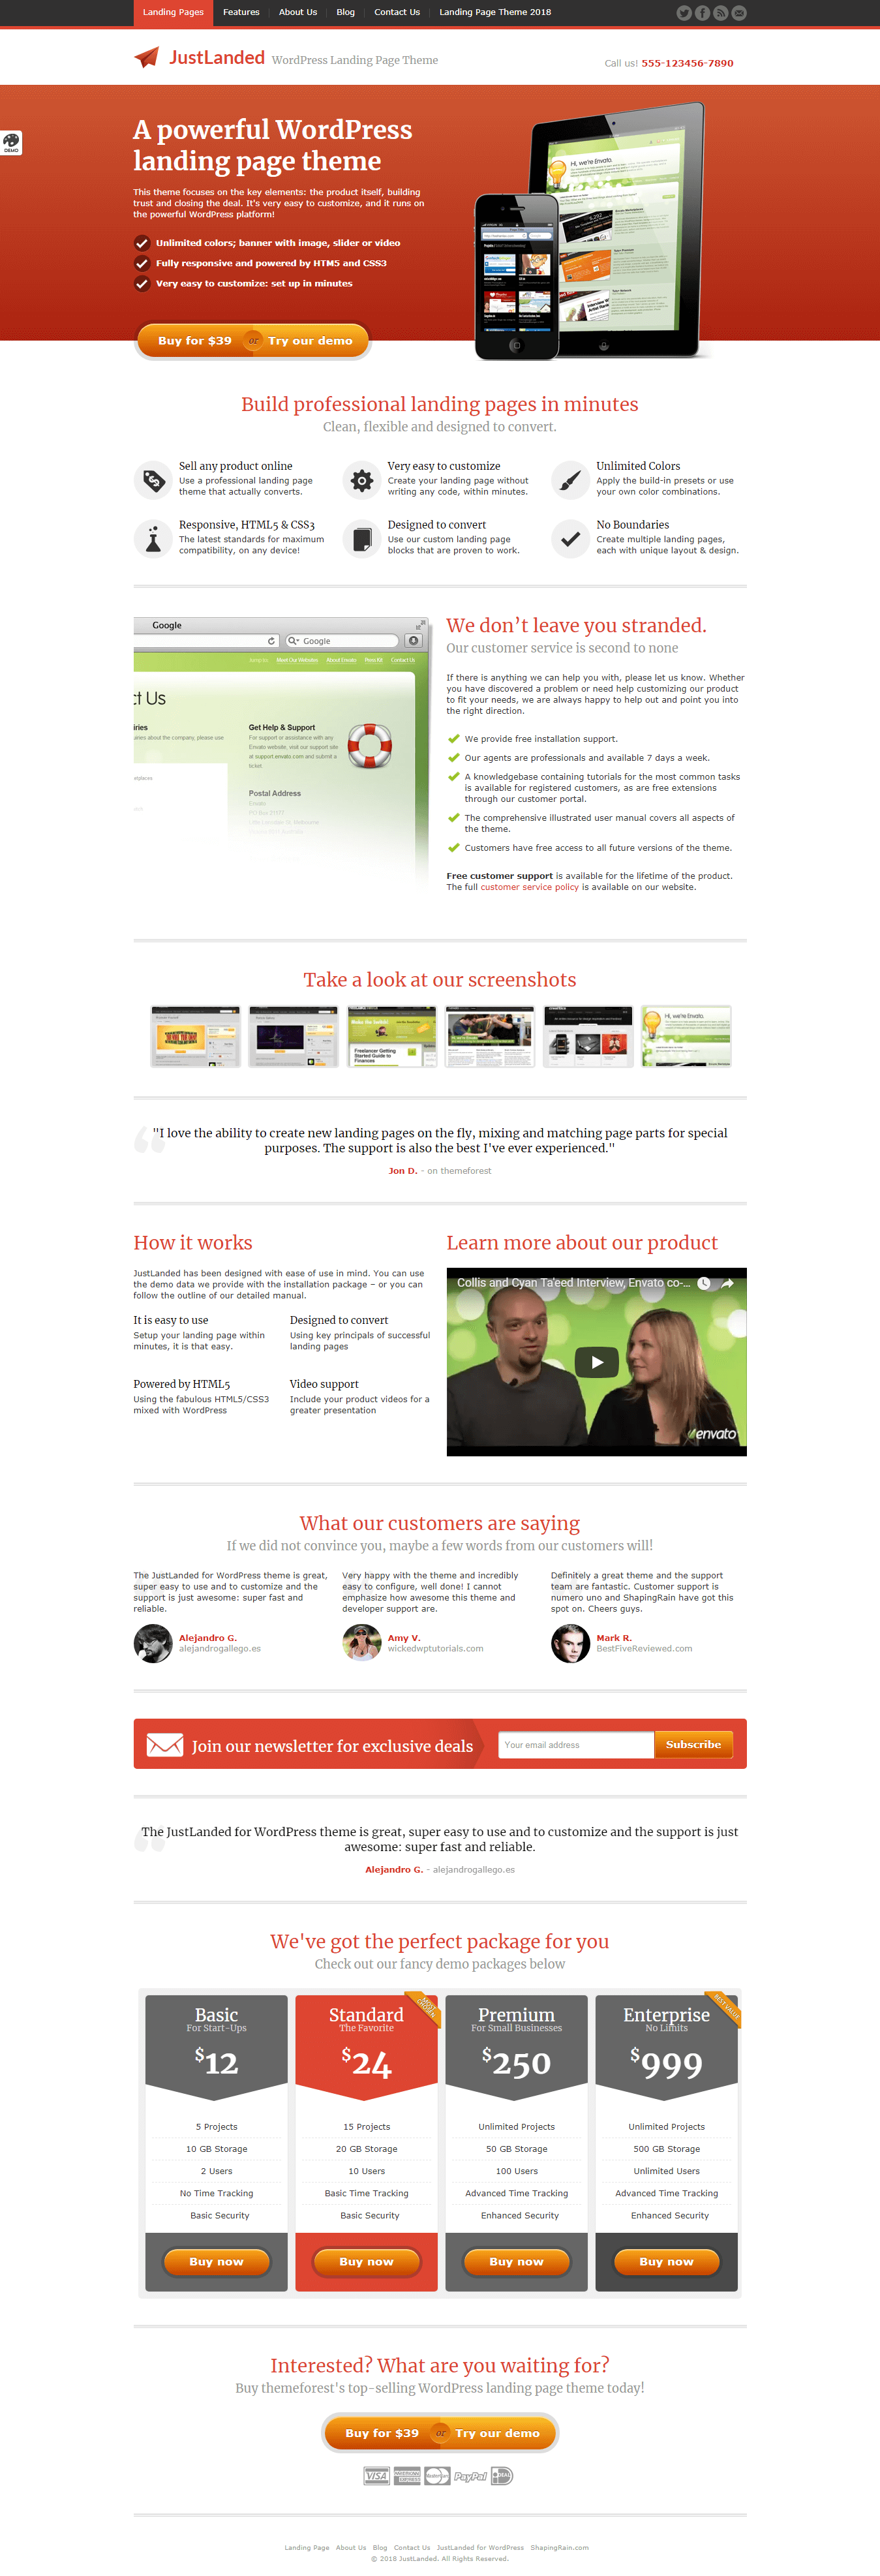 just landed premium wordpress landing page themes - 10+ Best Premium Landing Page WordPress Themes